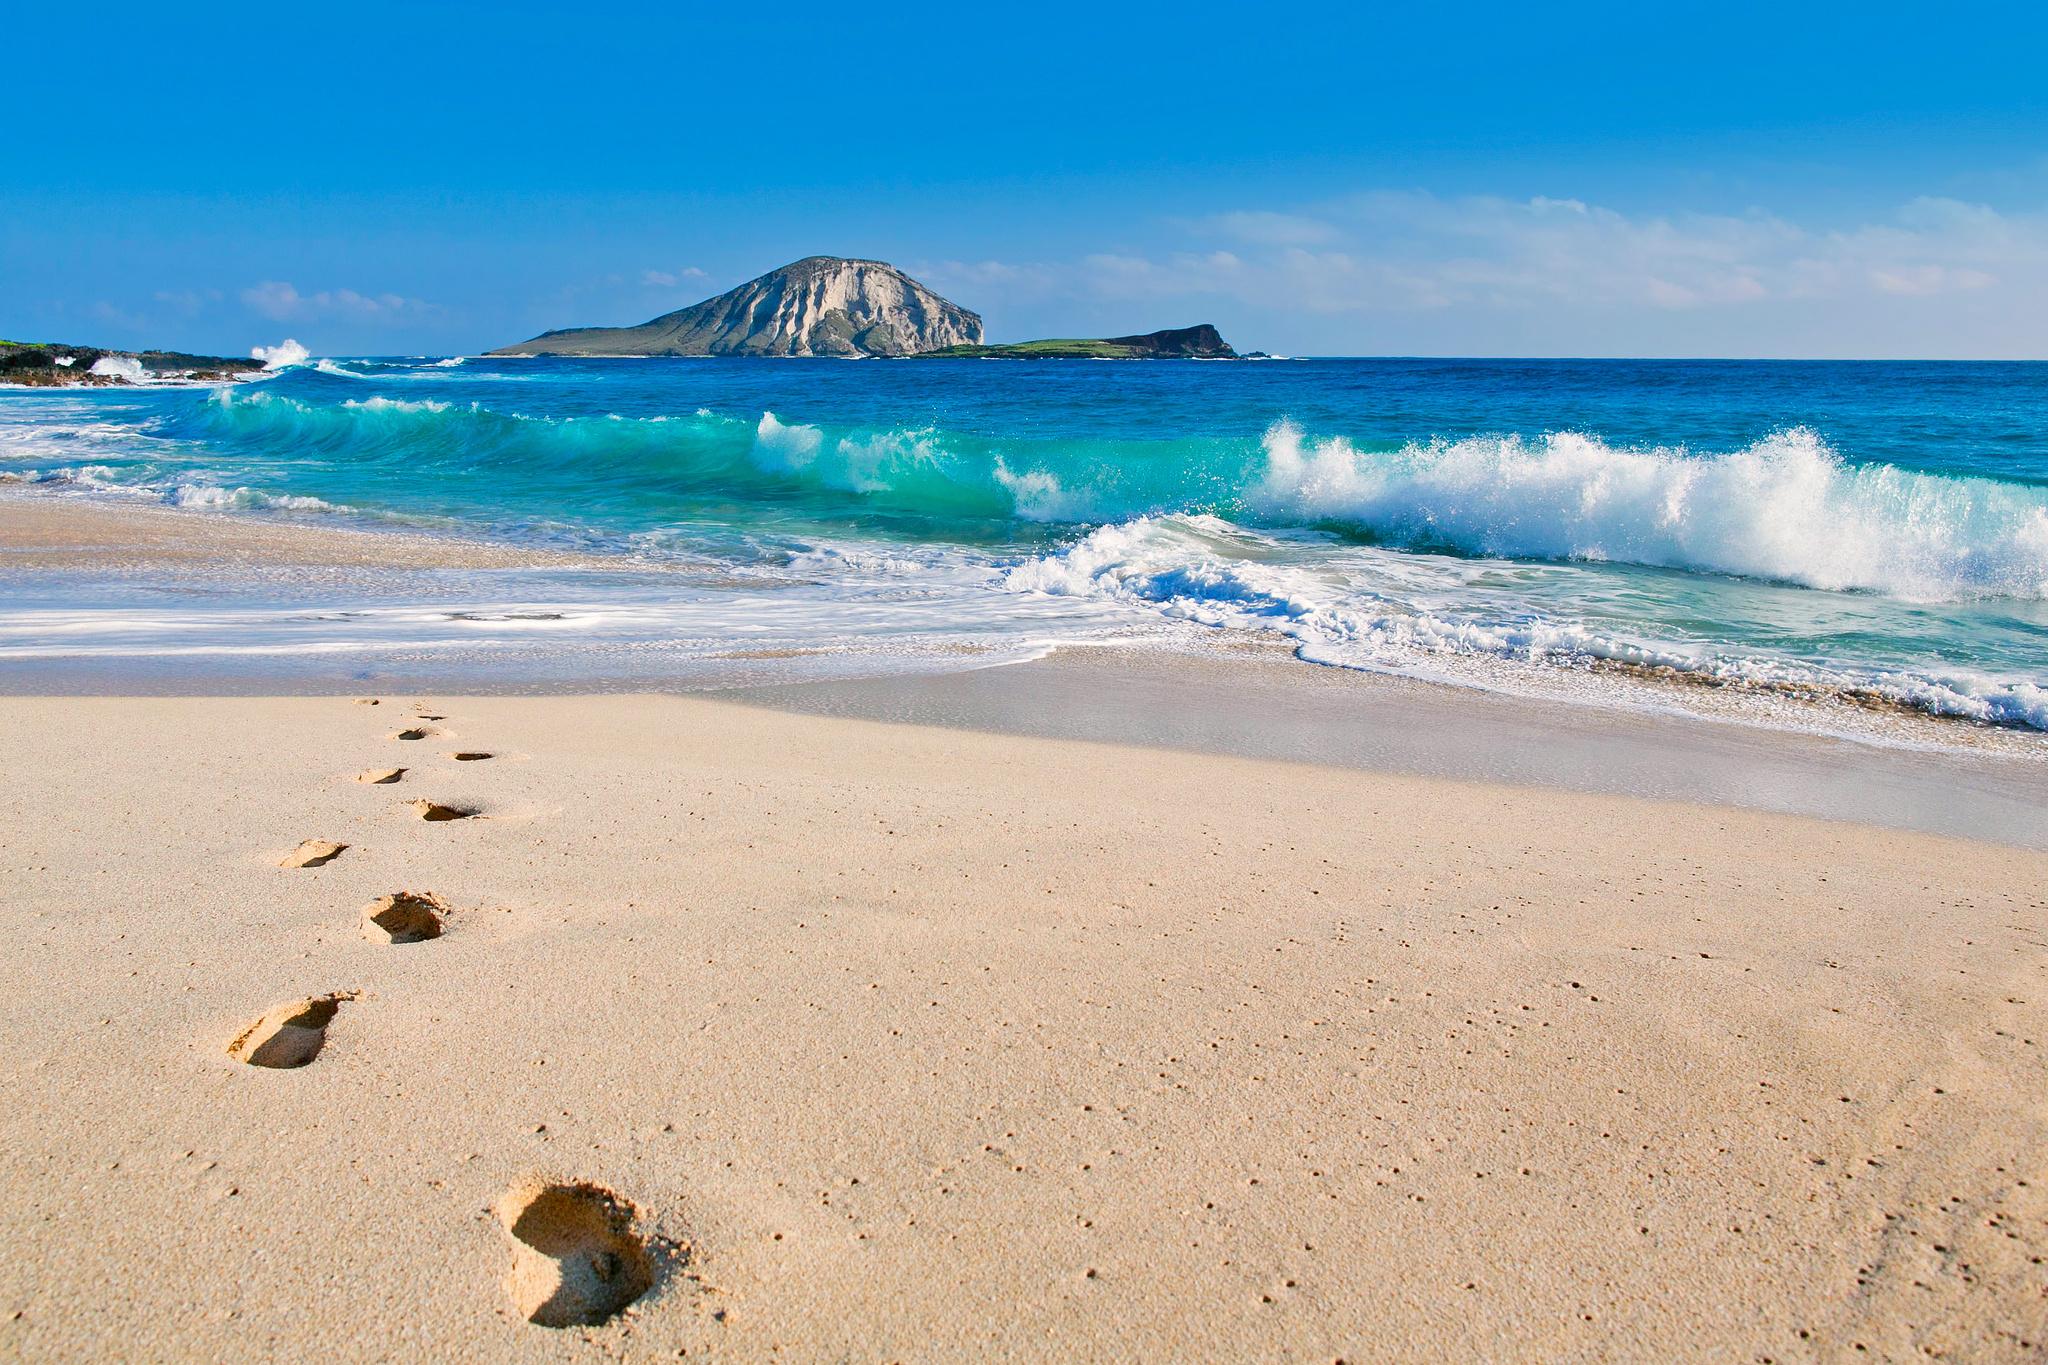 22777 скачать обои Пейзаж, Море, Волны, Пляж, Песок - заставки и картинки бесплатно